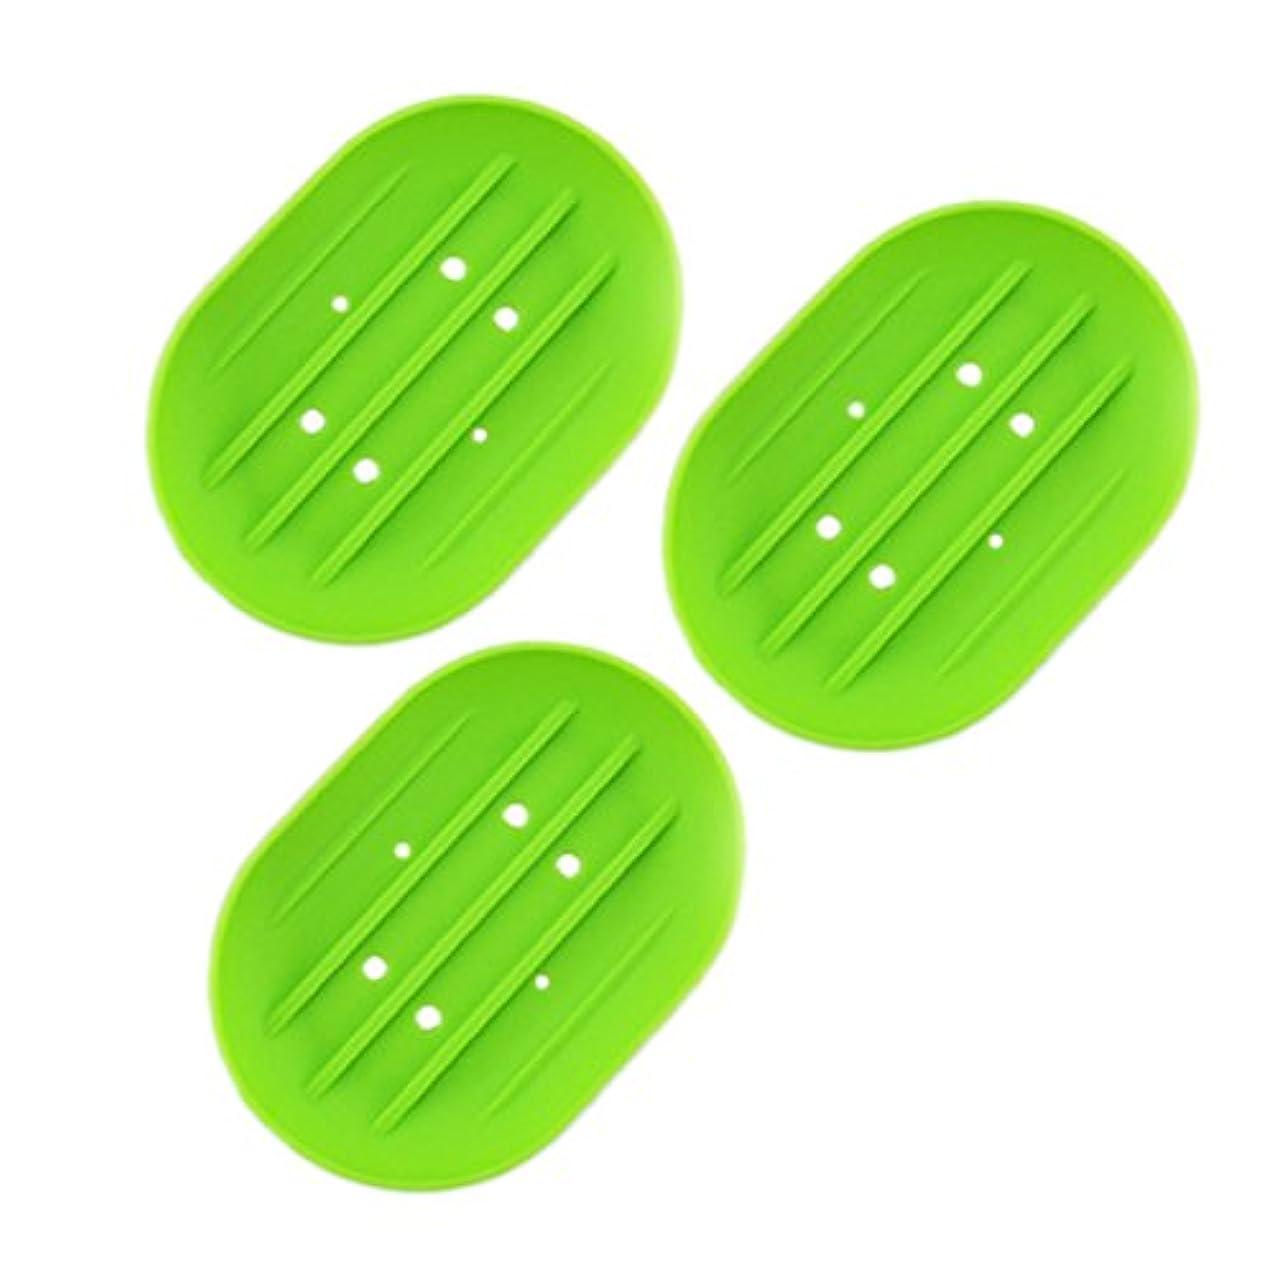 セメント感謝する多数のBESTOMZ ソープディッシュソープホルダー, 石鹸トレイ乾燥石鹸バー 浴室用キッチン用3連グリーン用